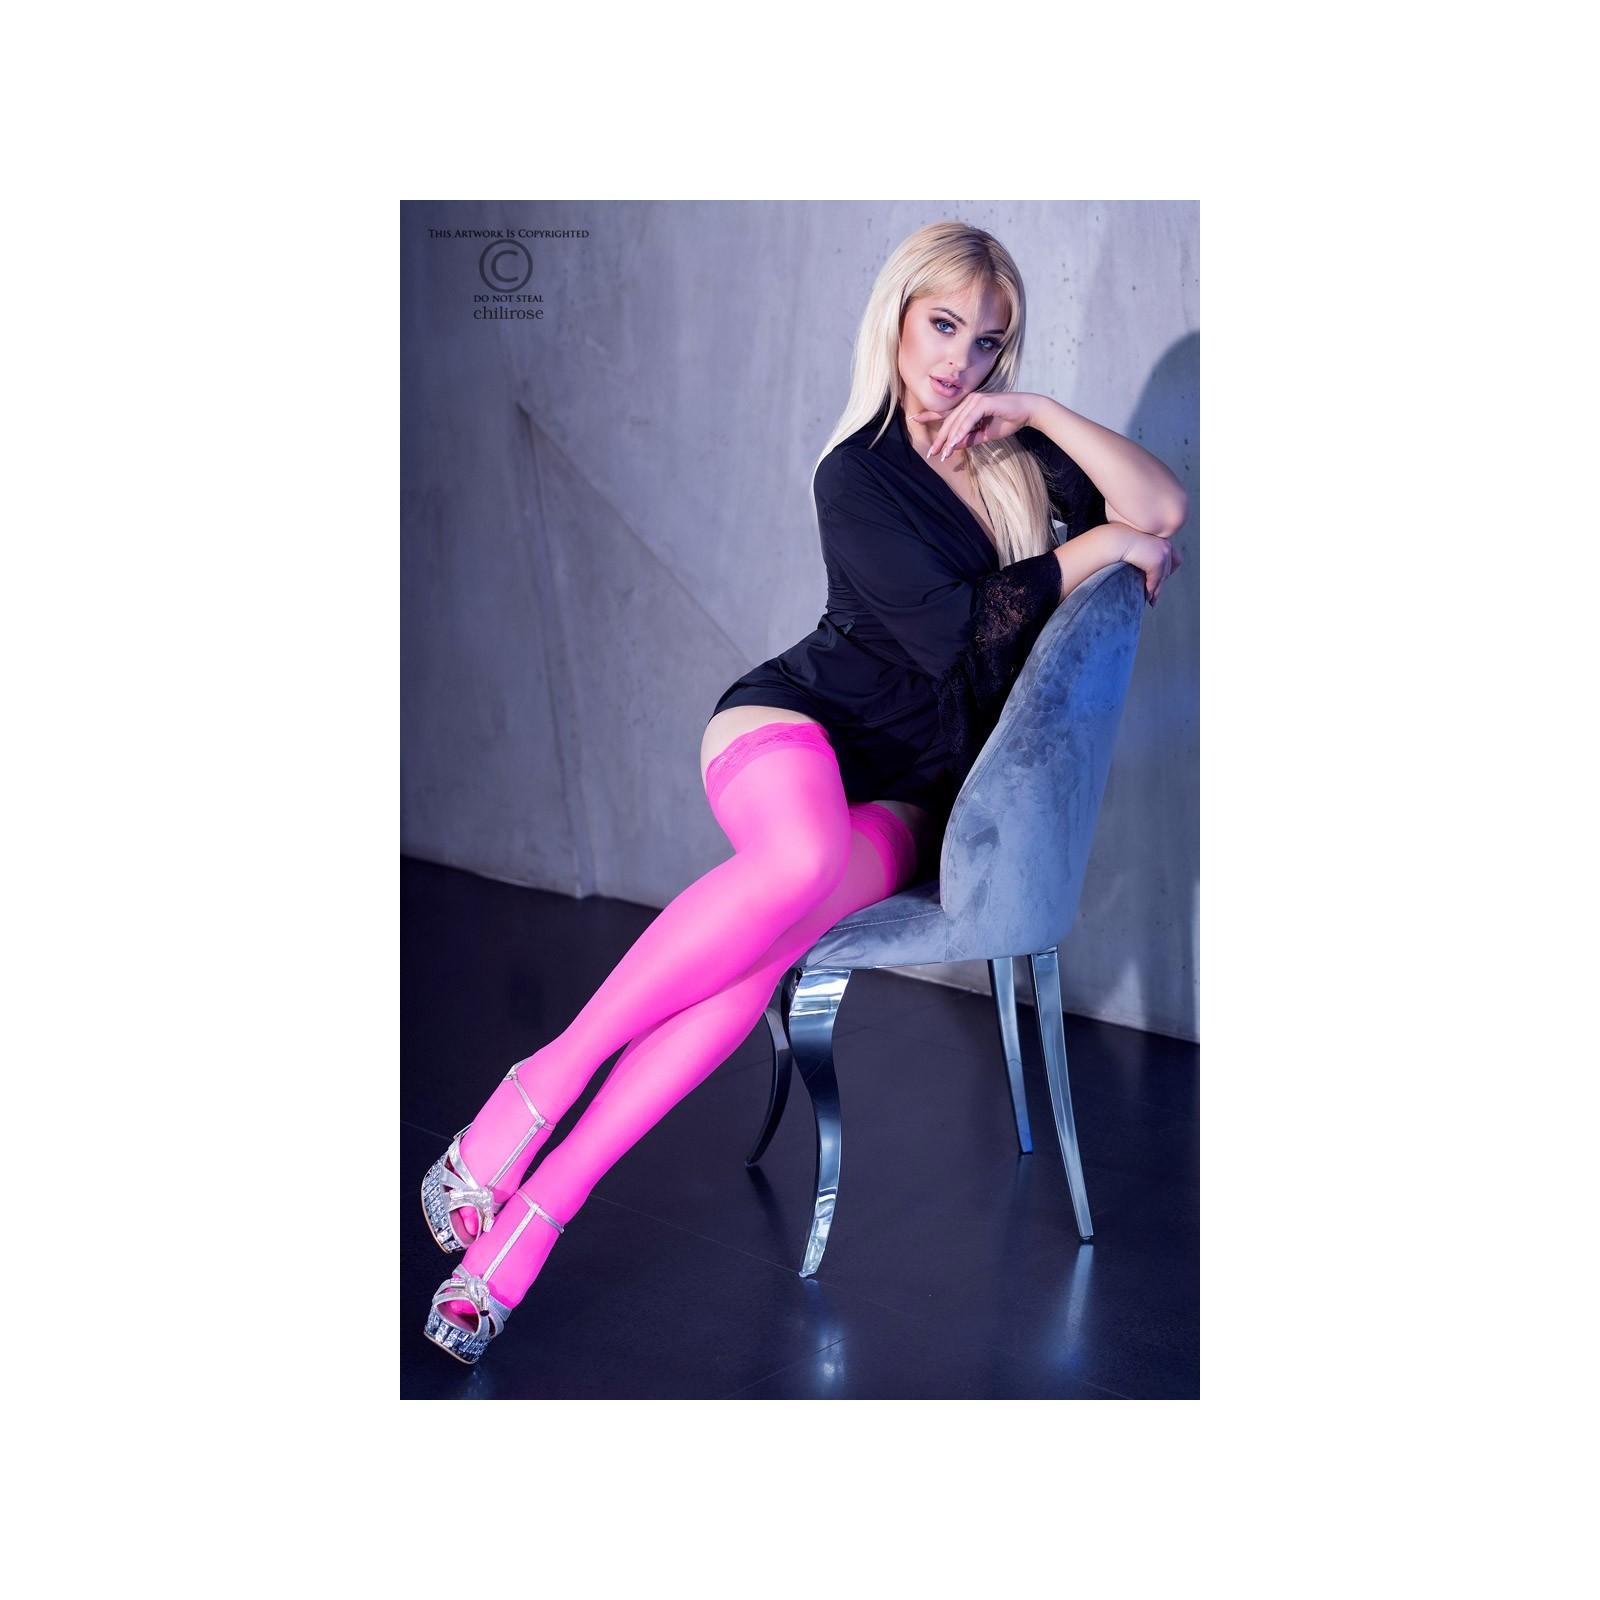 Strümpfe CR4389 hot pink - 1 - Vorschaubild